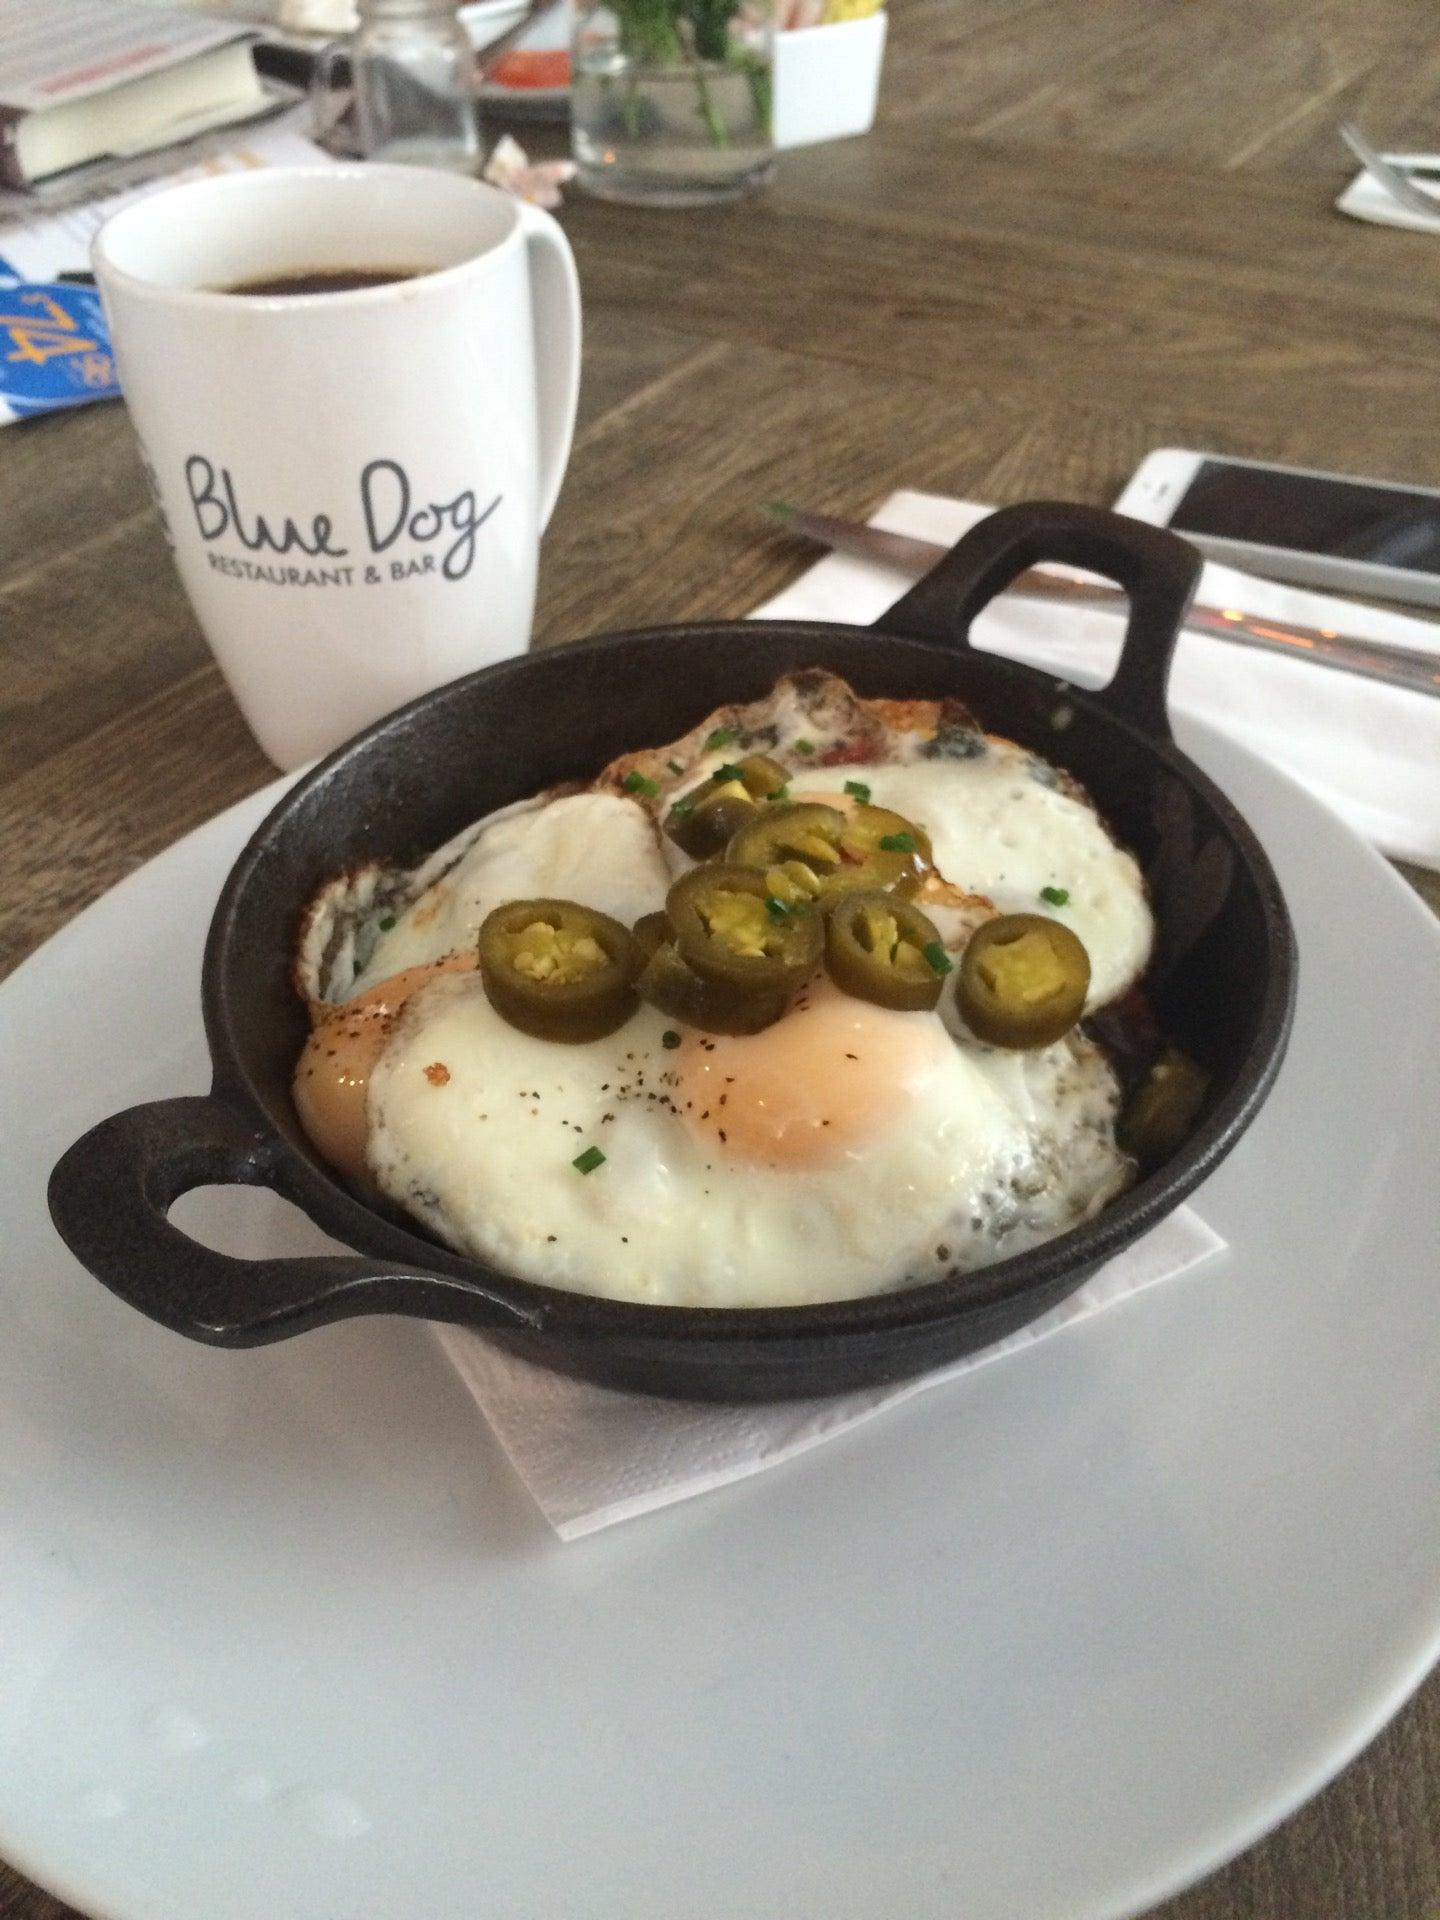 Blue Dog Kitchen Bar In New York Parent Reviews On Winnie